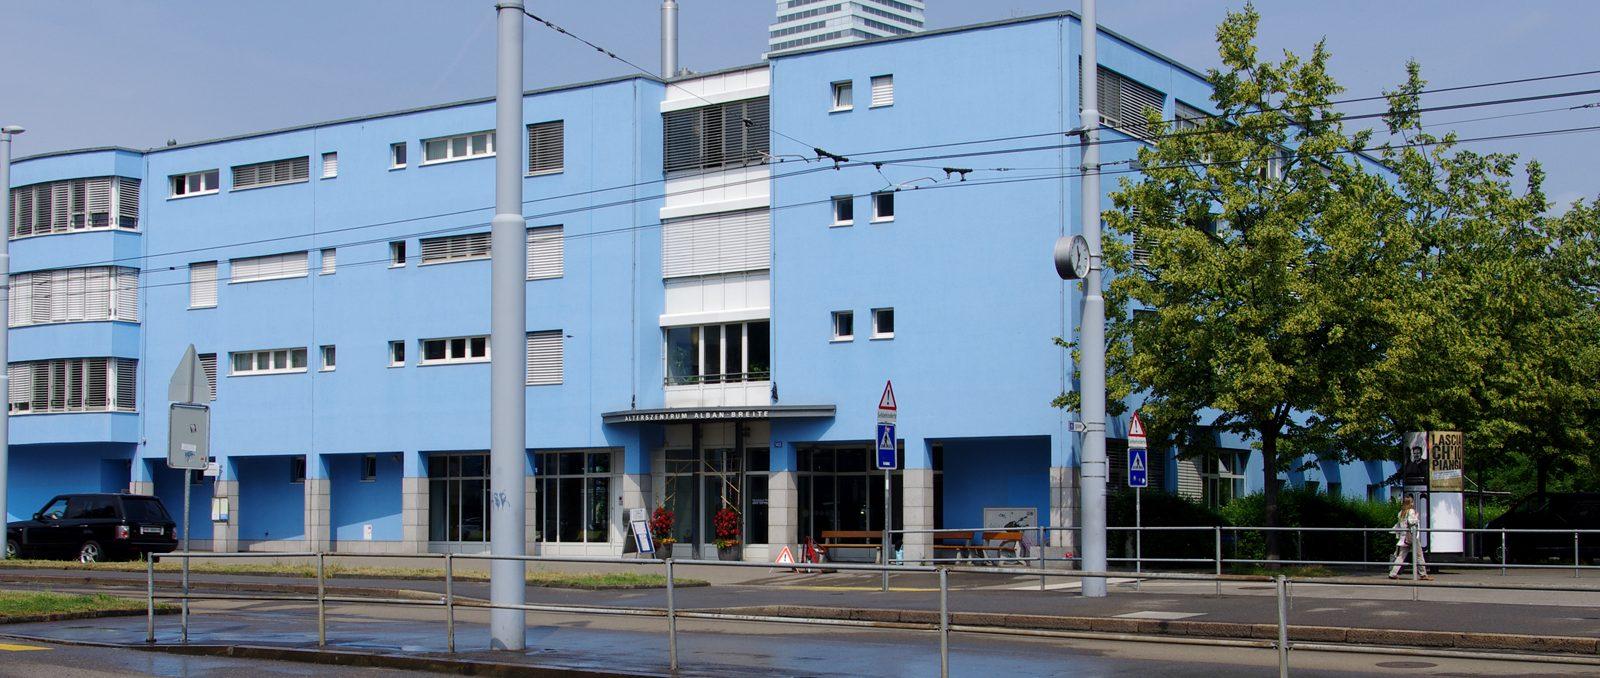 Die zuverlässige Versorgung mit Wärme und Strom stellt eine wichtige Grundlage für die alltäglichen Aufgaben im Alterszentrum Alban-Breite dar.